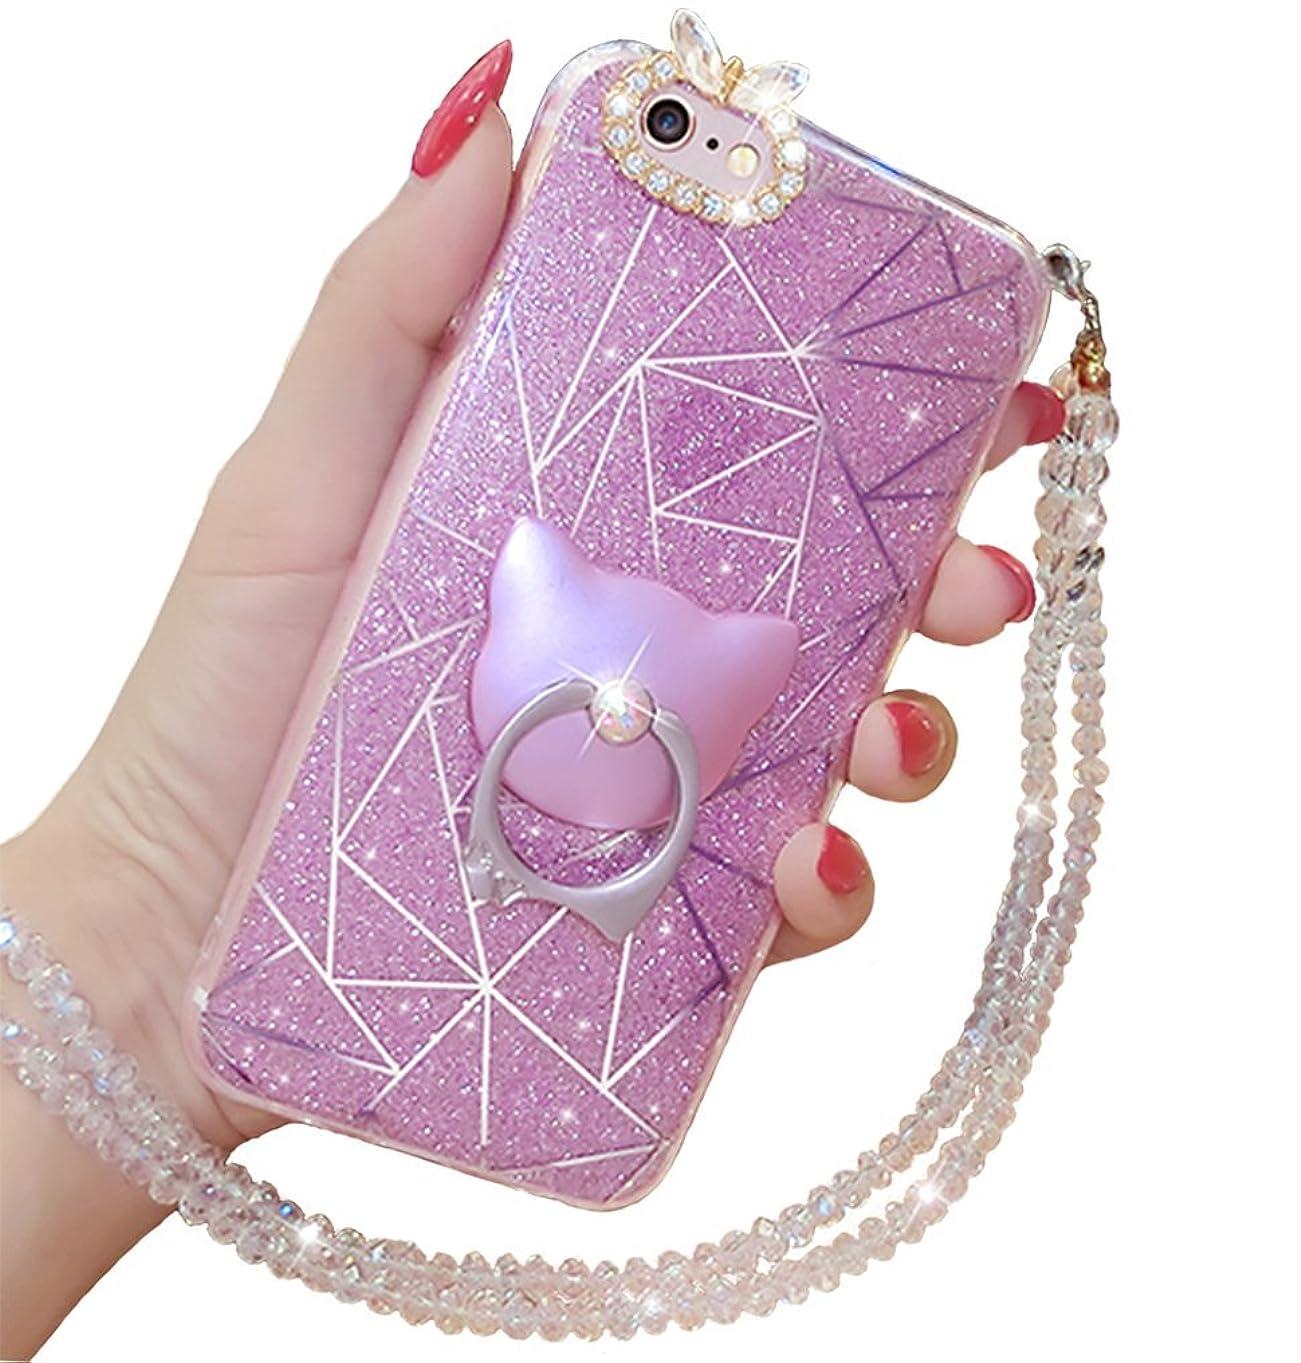 ジョセフバンクスワット口述Apple iPhone 6 6S ケース,豪華 キラキラ水晶混合 保険の軟ゴム かわいい環棚 化粧ケース 女性水晶ネクタイは縄を掛け シリカゲル柔軟 視覚美感  (iPhone 6 / 6S, パープル)